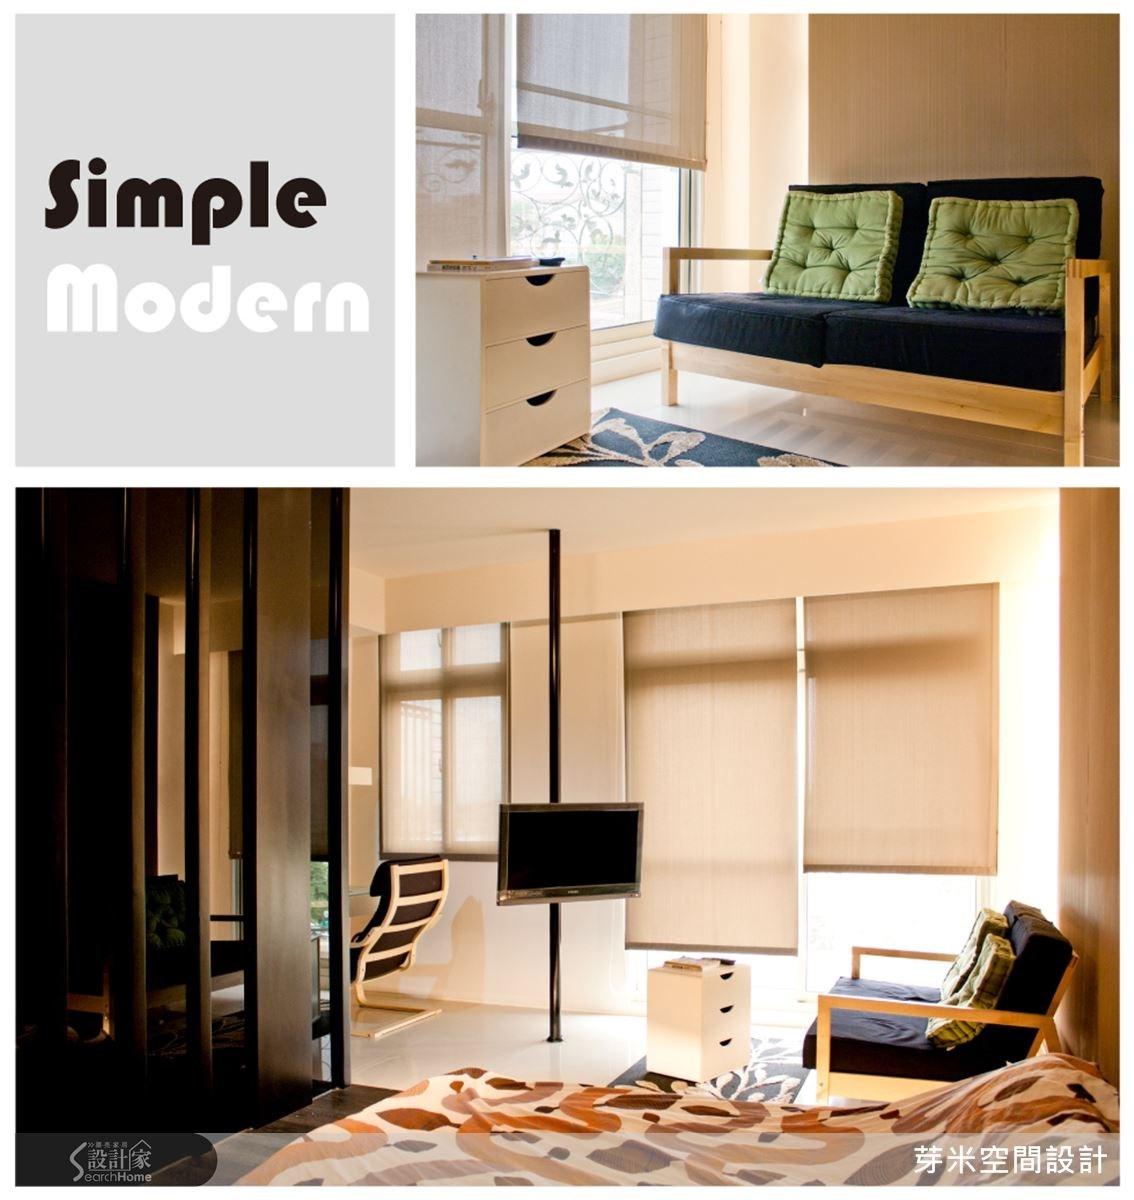 這個空間給人閑適舒服的感覺,落地窗前的簡單雙人椅自有一份悠哉(上圖);最獨特的焦點莫過於獨立懸掛的電視柱(下圖),讓空間視覺得以延伸、無壓迫感,床尾屏風選用實木板與茶鏡交互呈現,簡約又有質感。